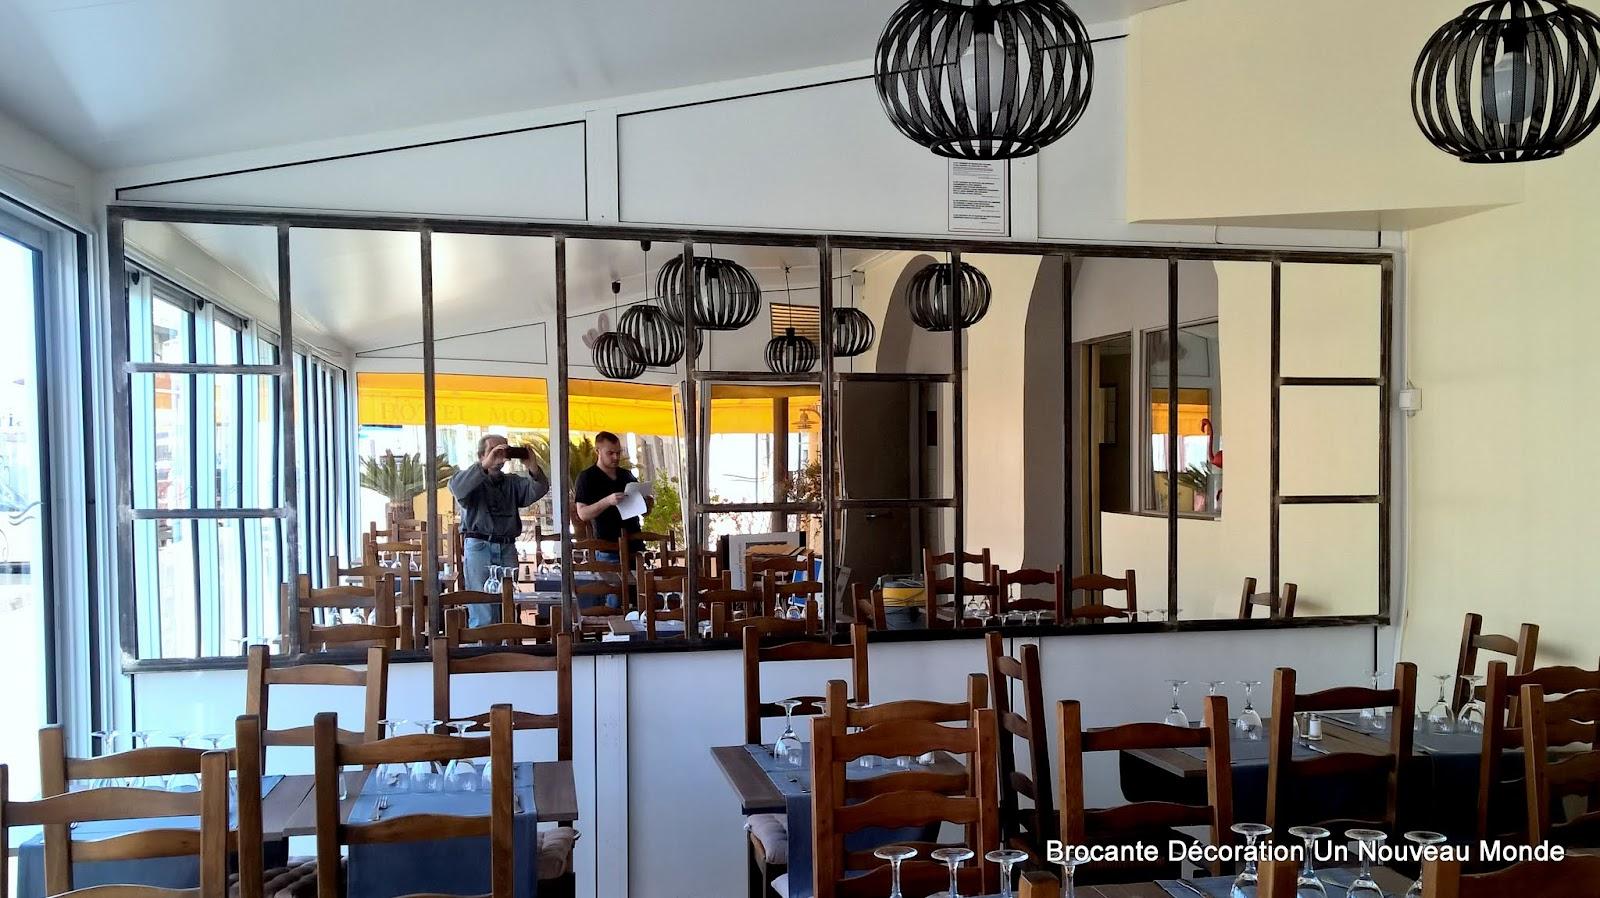 L 39 atelier de philippe miroirs verri res style industriel - Miroir style verriere ...